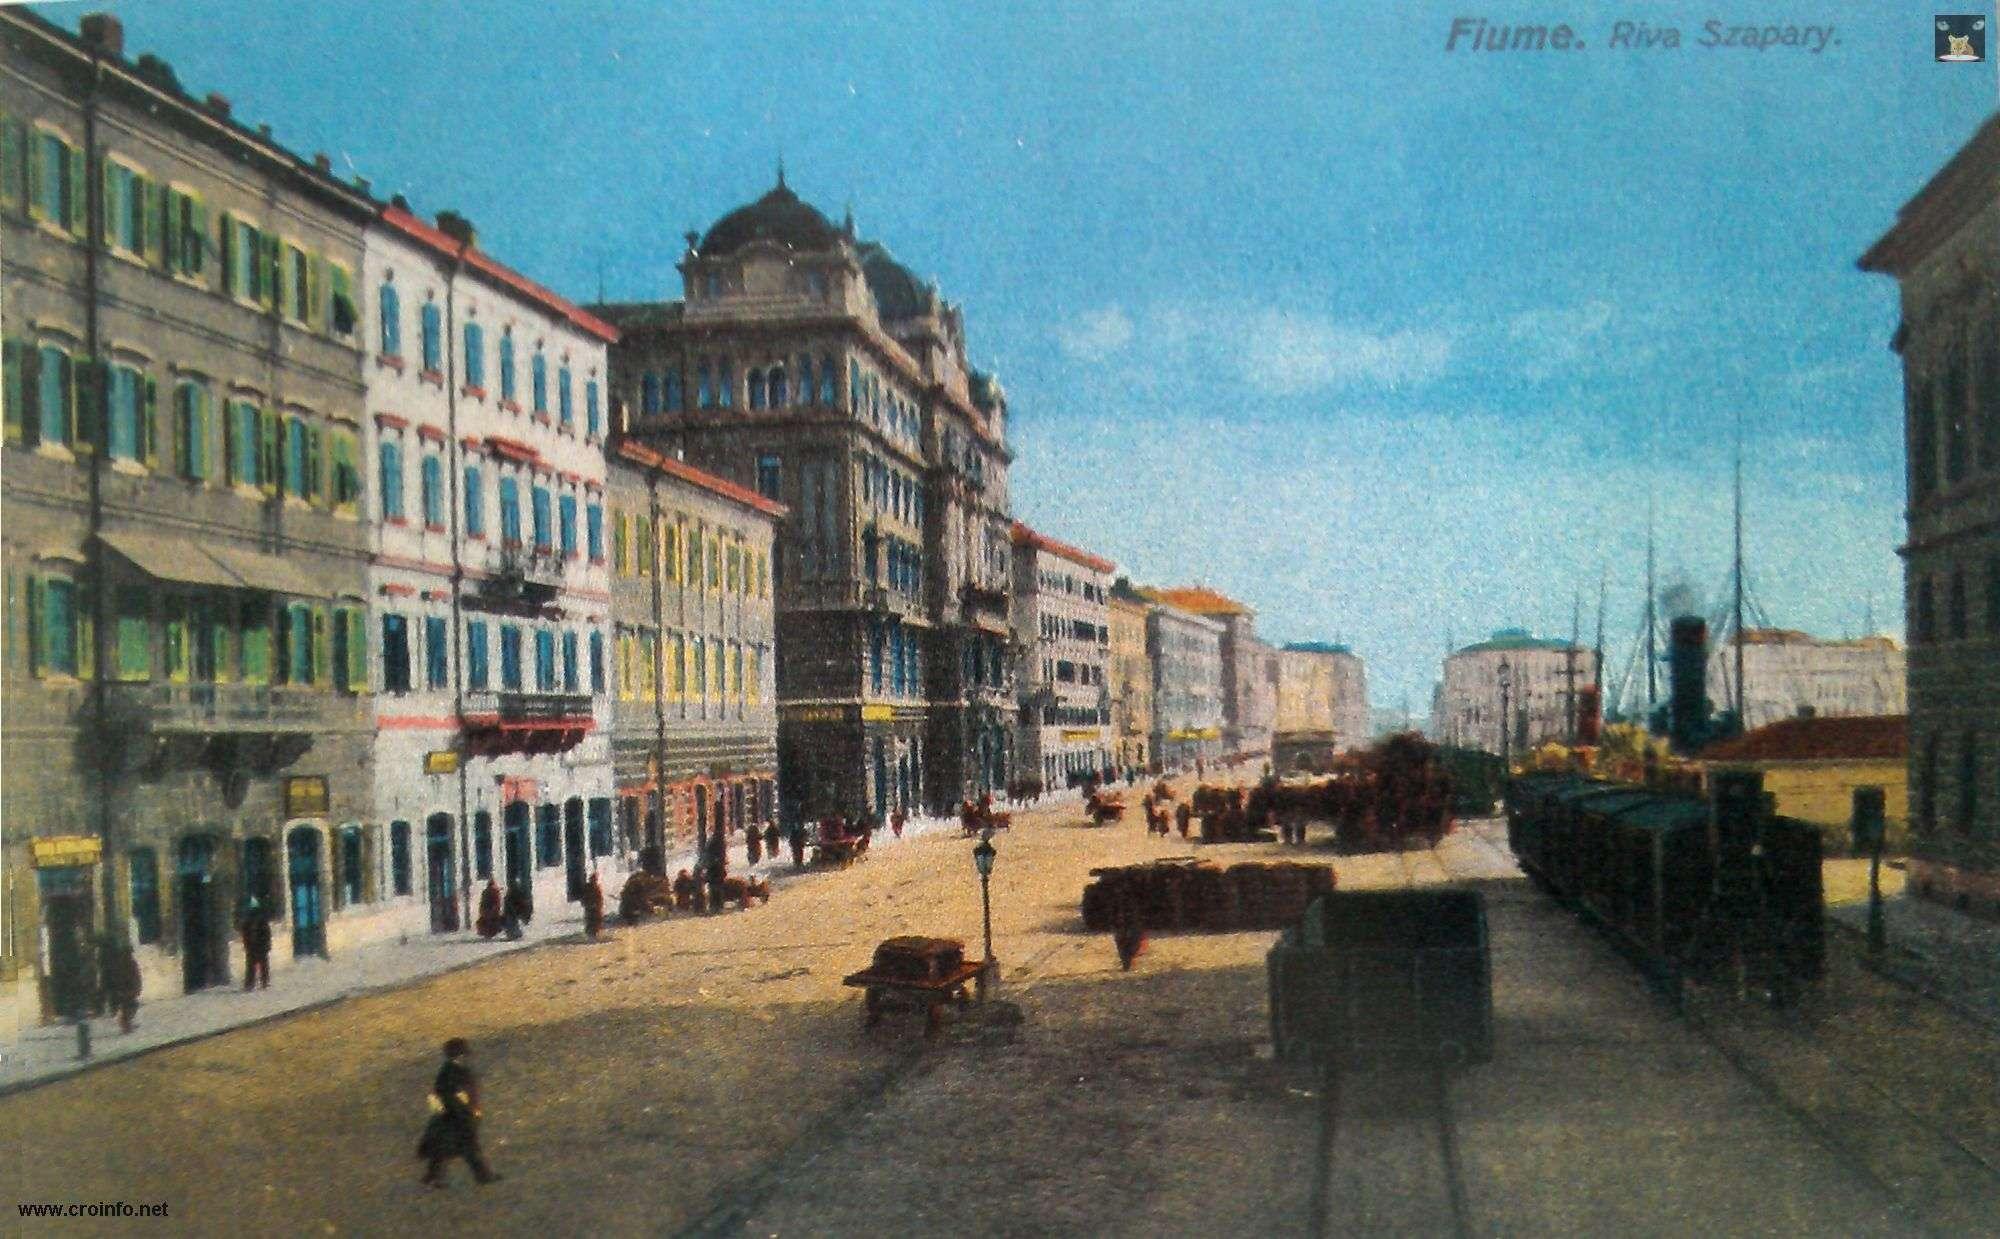 Riva Szapary Fiume